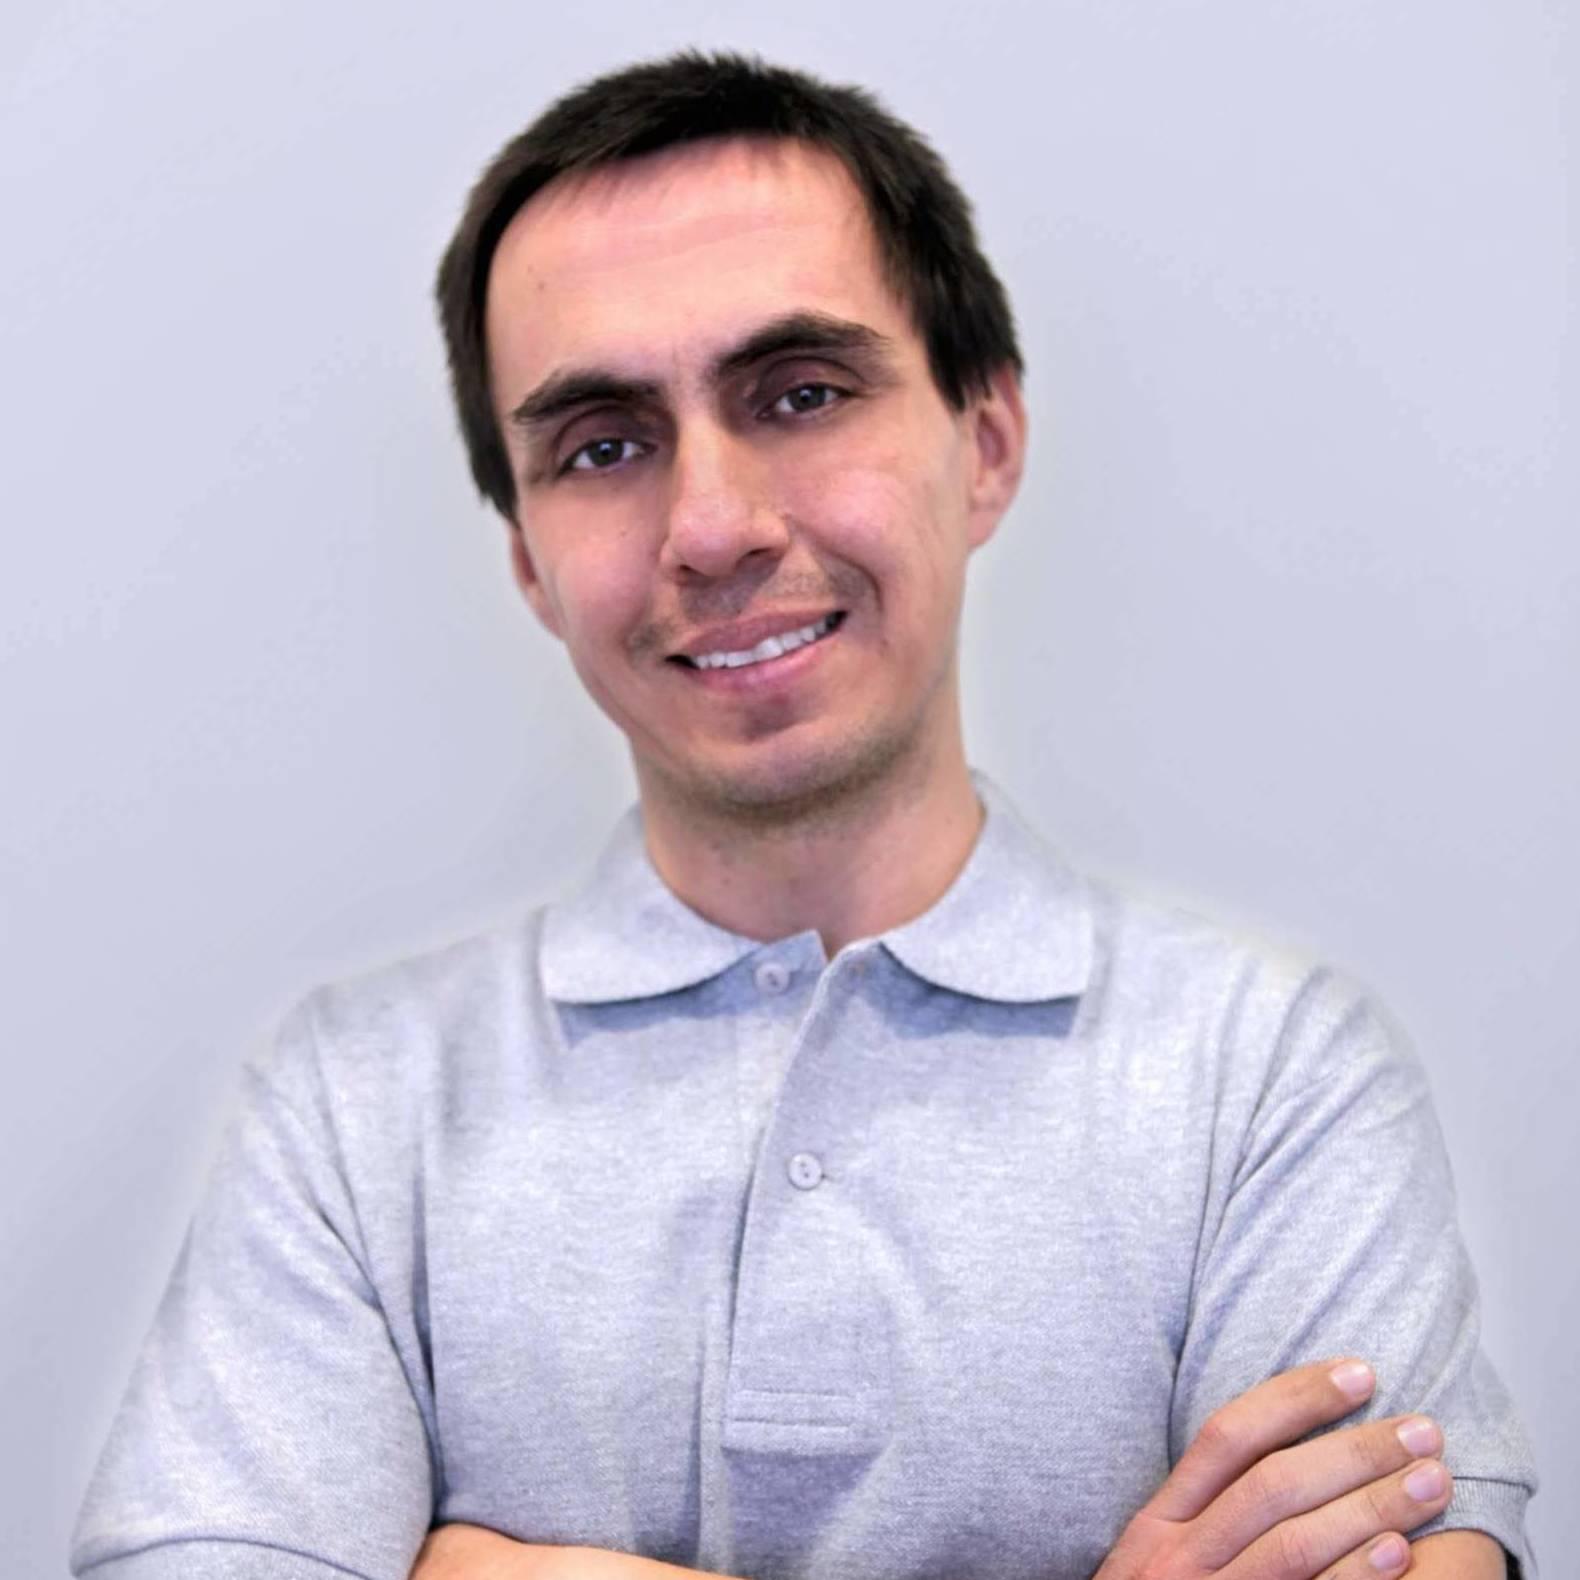 Gustavo González - Dirección administrativa/Atención al paciente